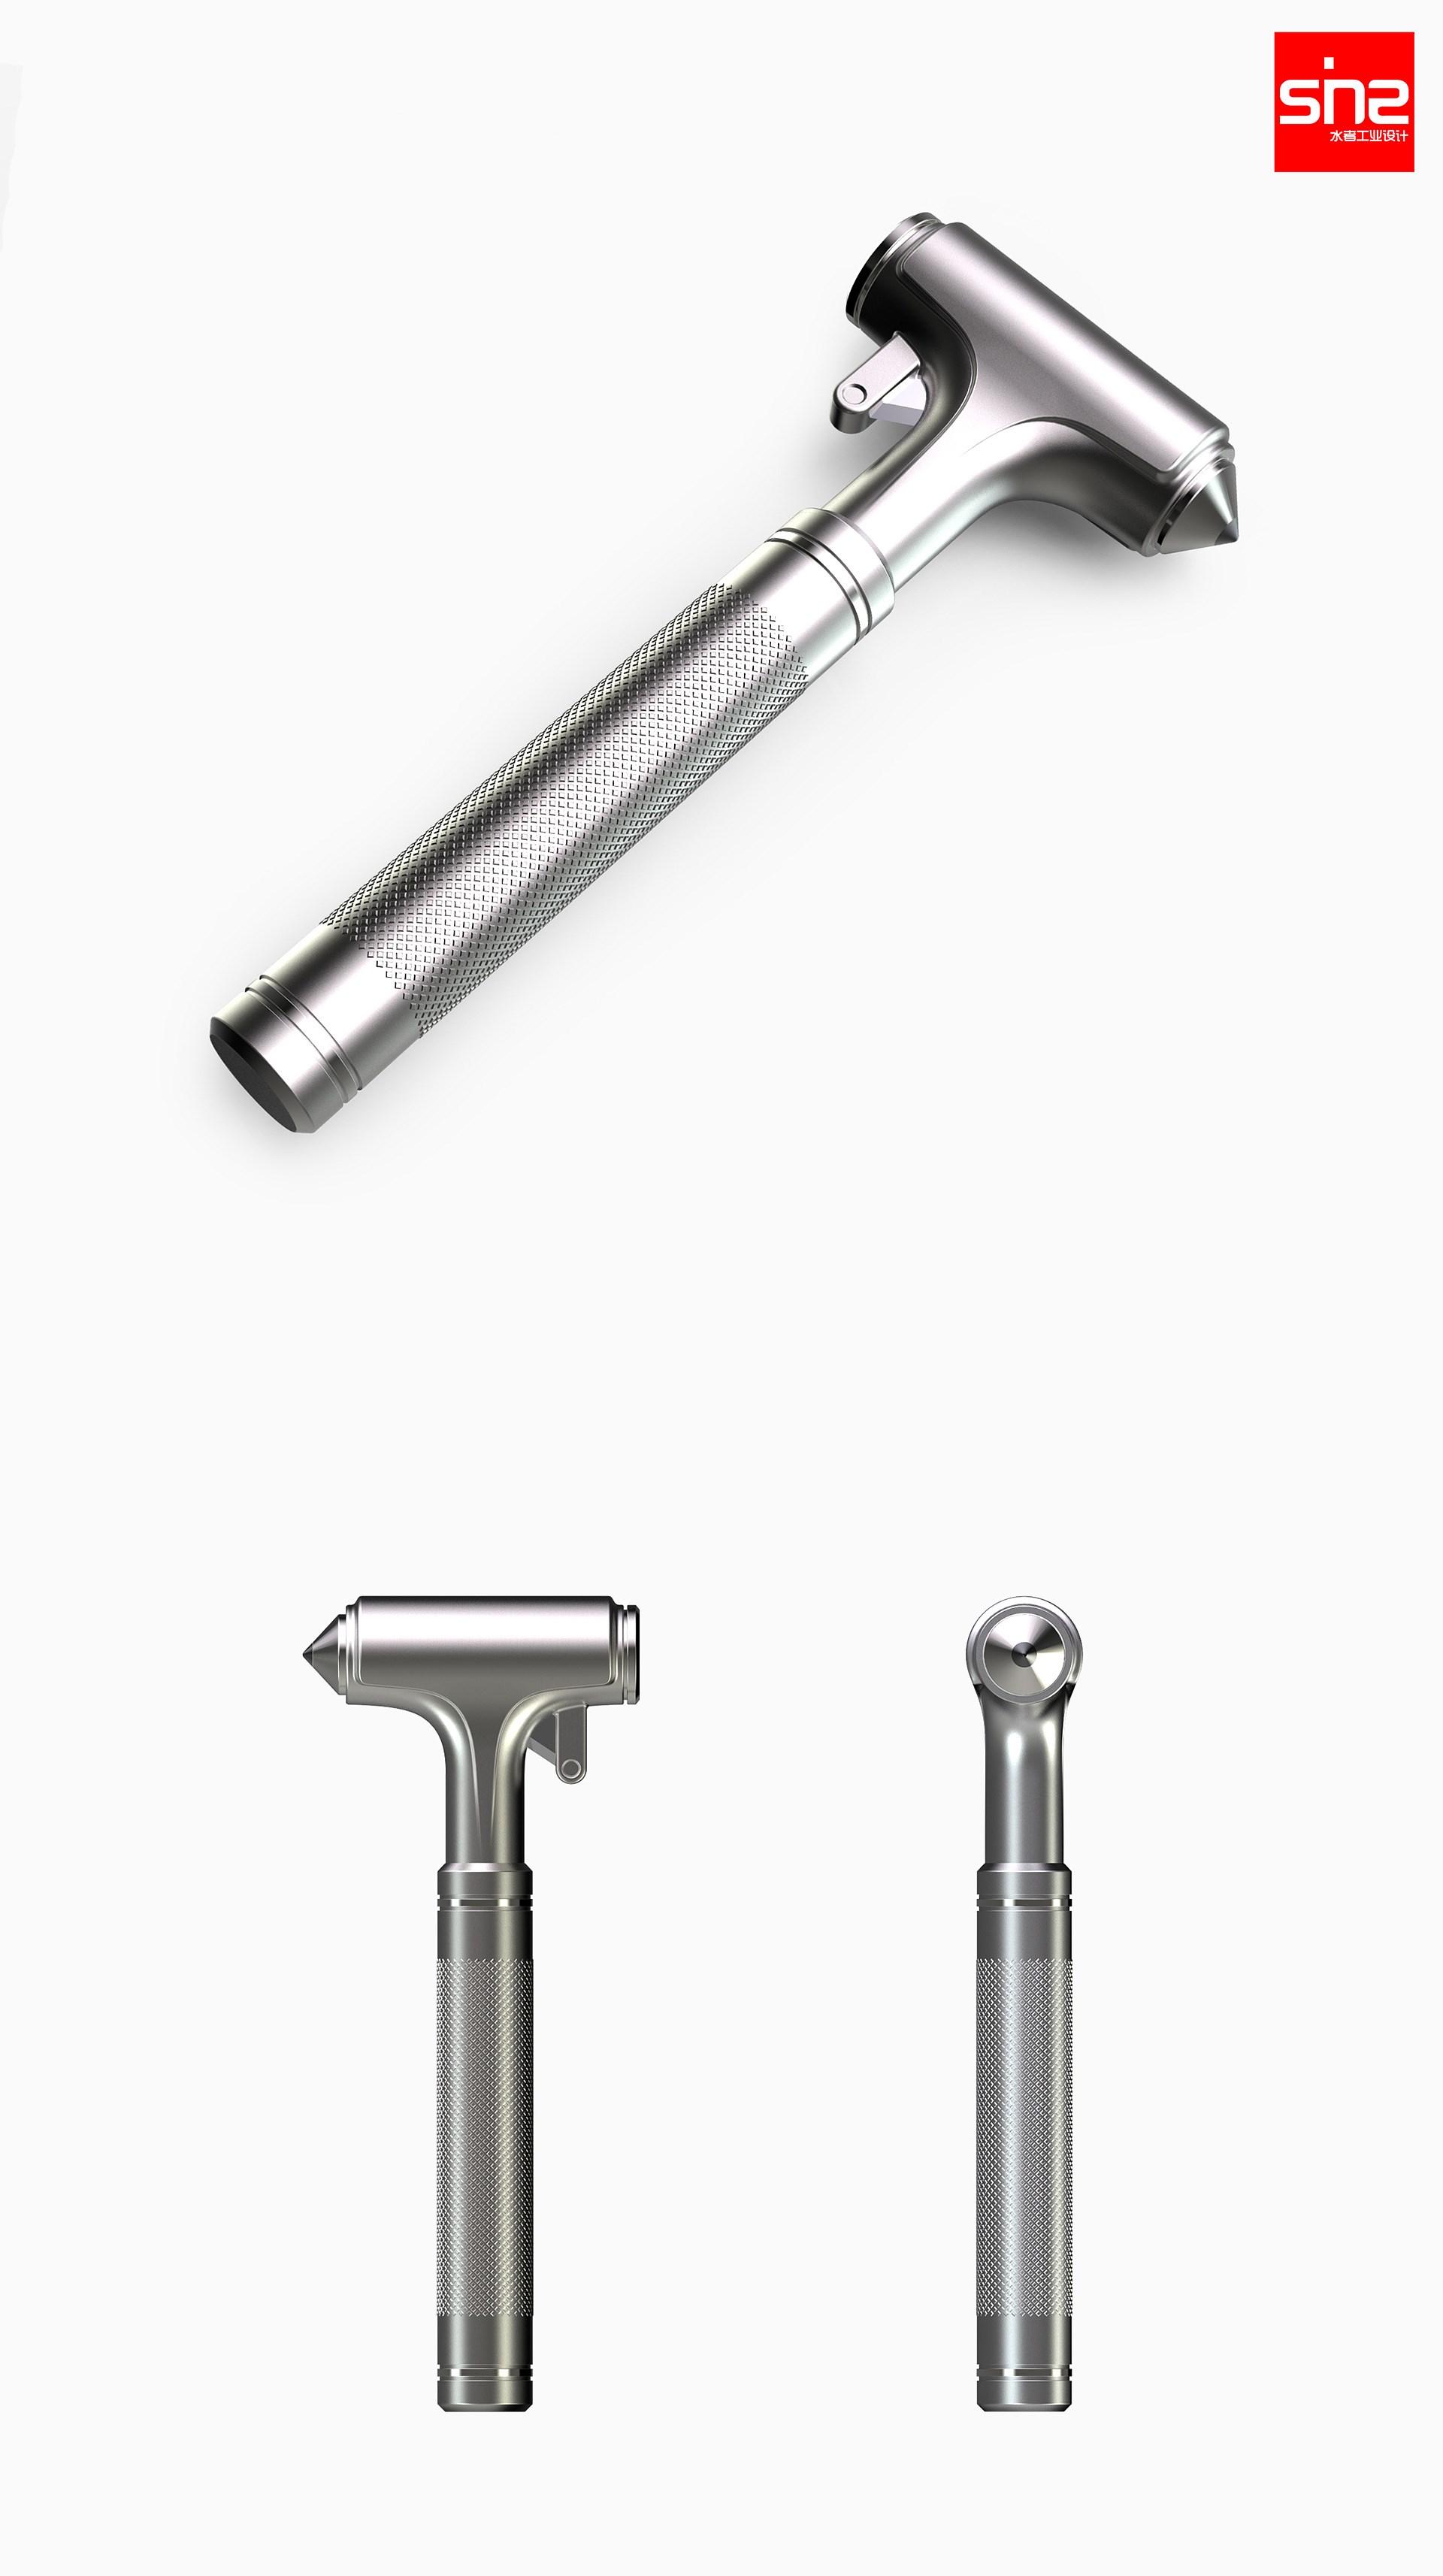 1安全锤设计工业设计1.jpg